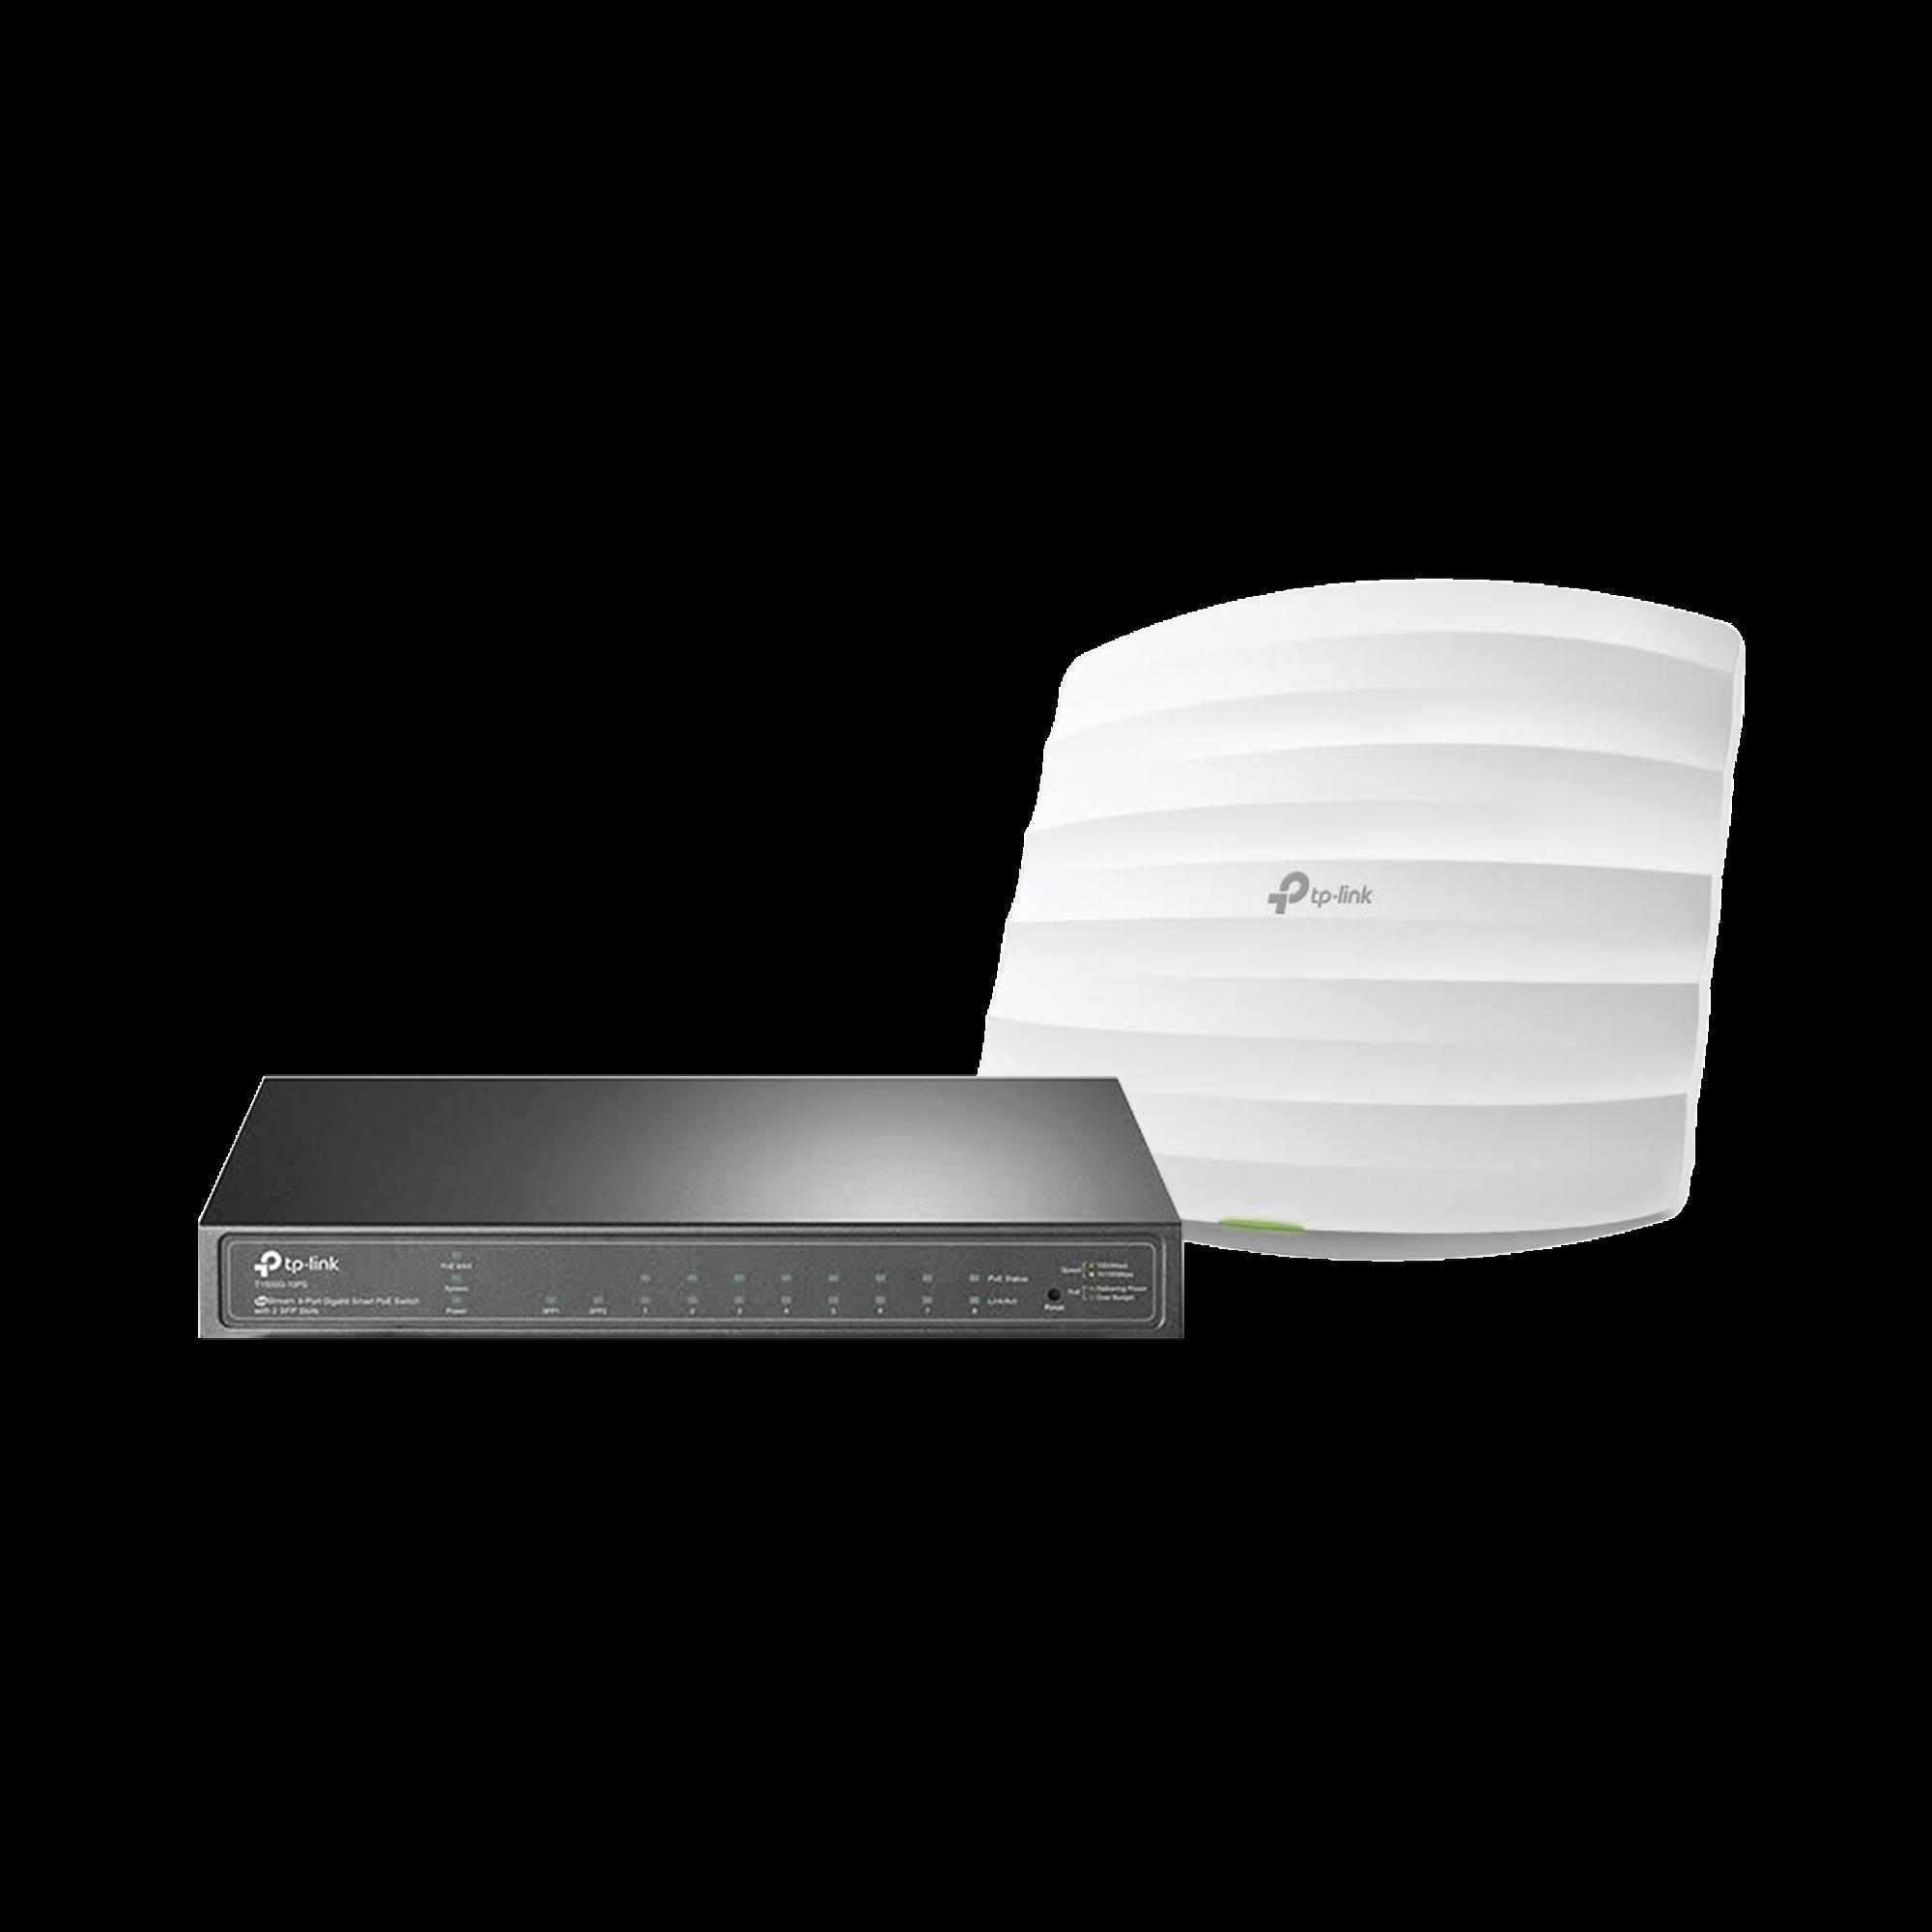 Kit de access point EAP245 y switch PoE T1500G-10PS, doble banda AC, hasta 1750 Mbps, 1 puerto Gigabit